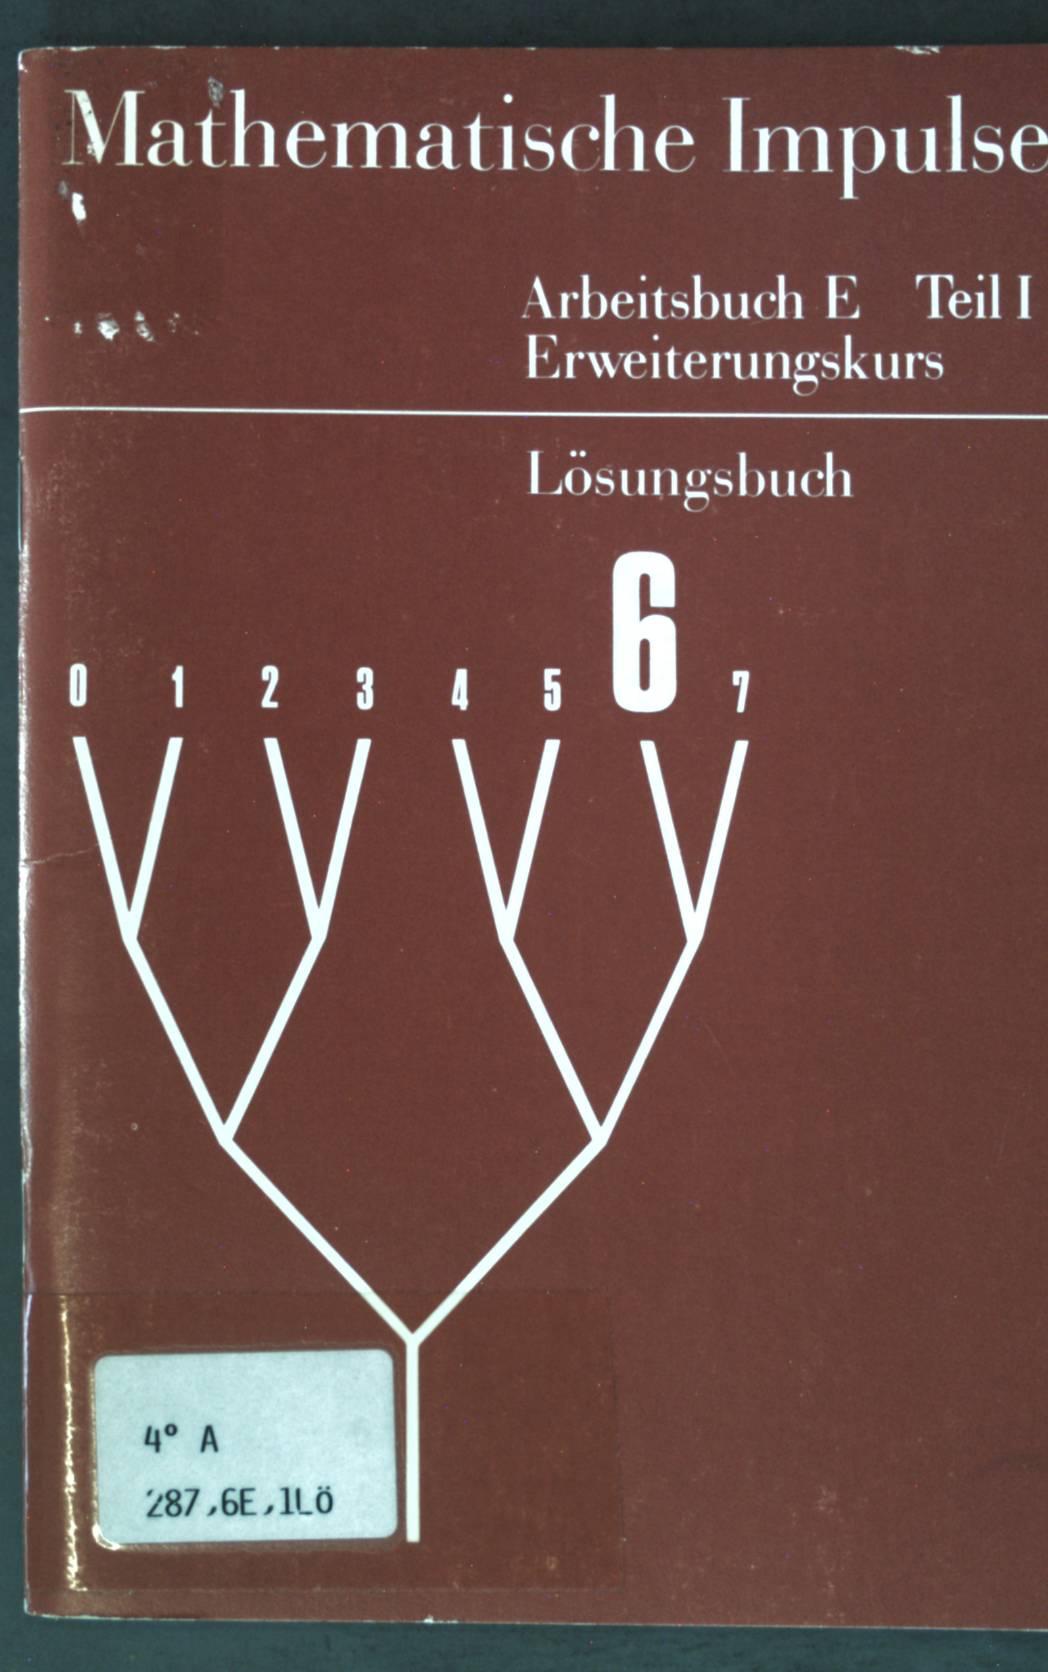 Mathematische Impulse: Arbeitsbuch E Teil I: Erweiterungskurs;: Fricke, Arnold: